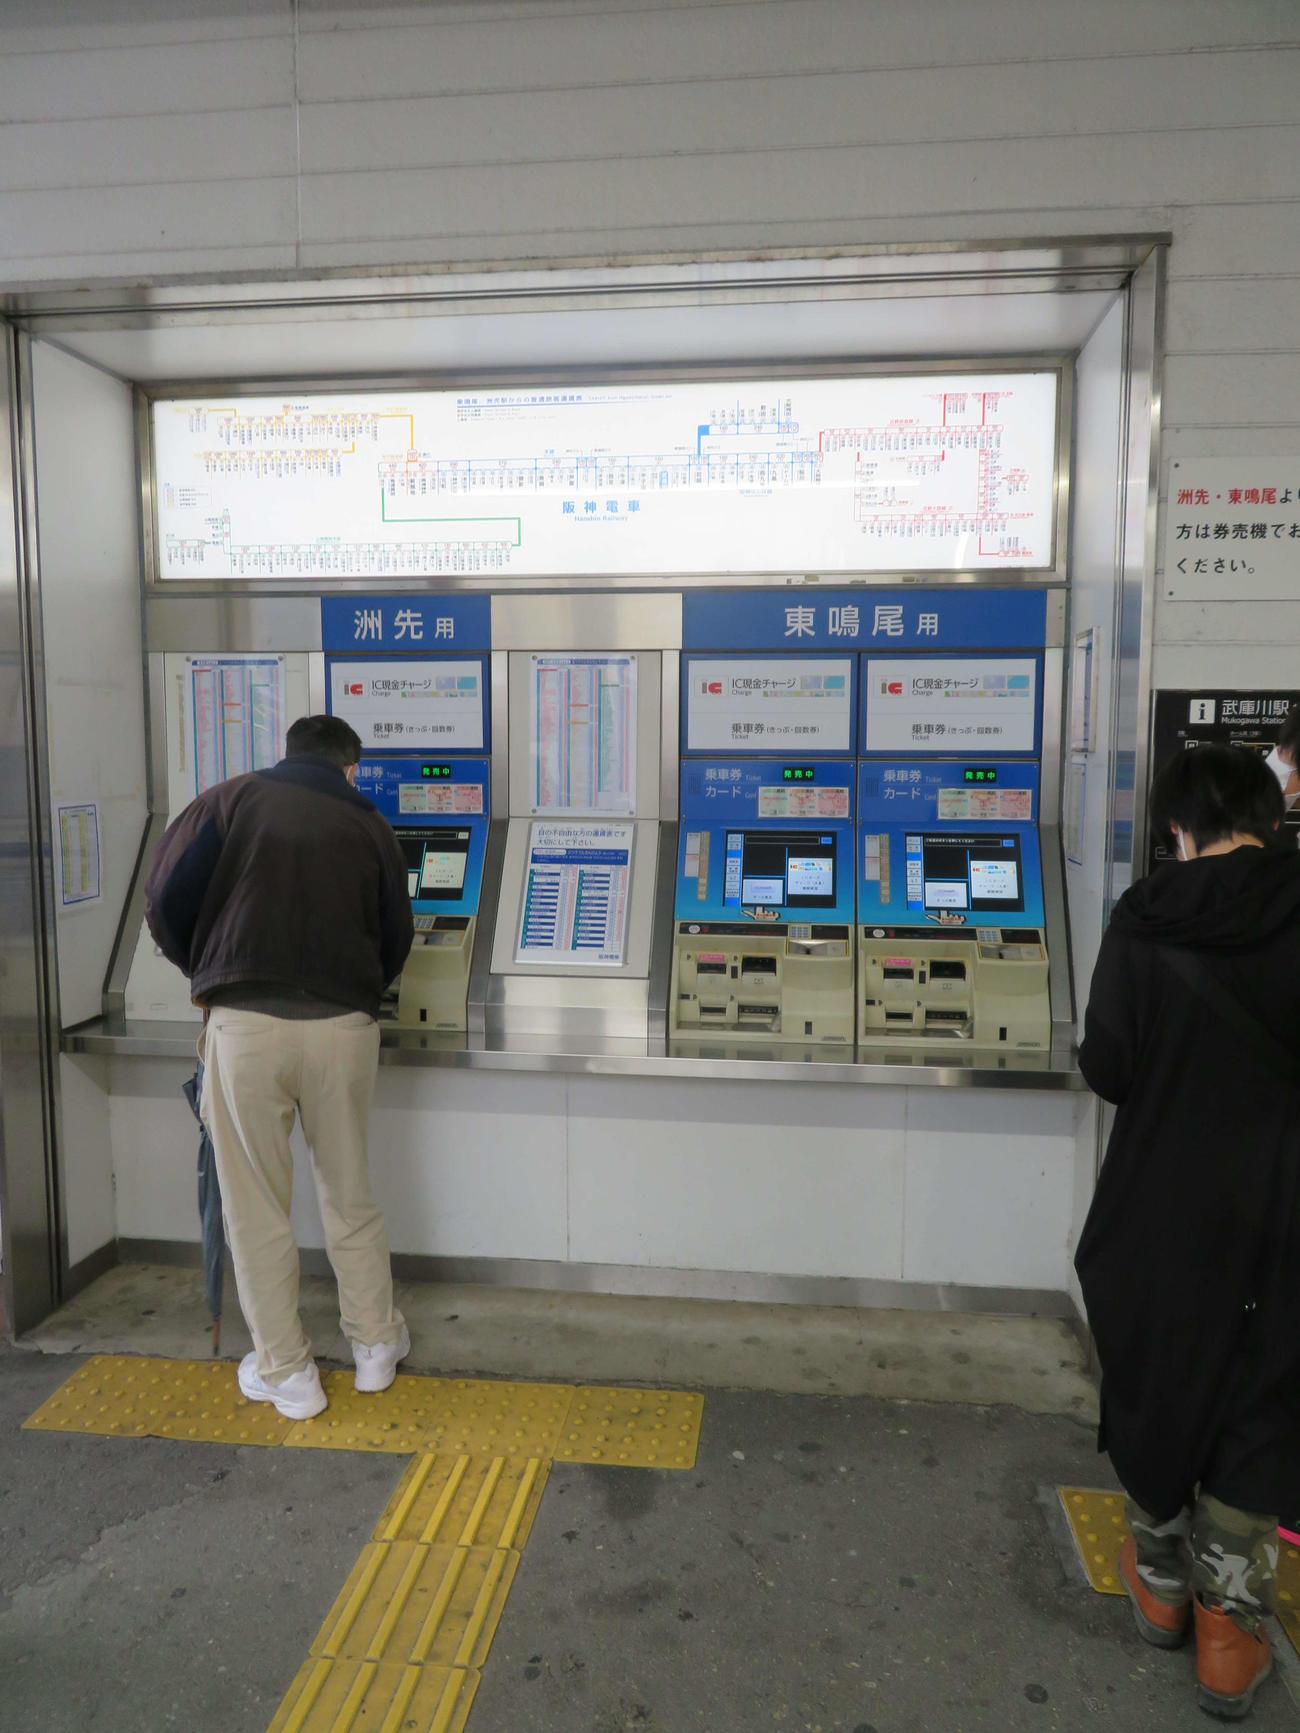 〈9〉東鳴尾と洲先は改札のない無人駅のため武庫川の中間改札では利用駅別に券売機がある